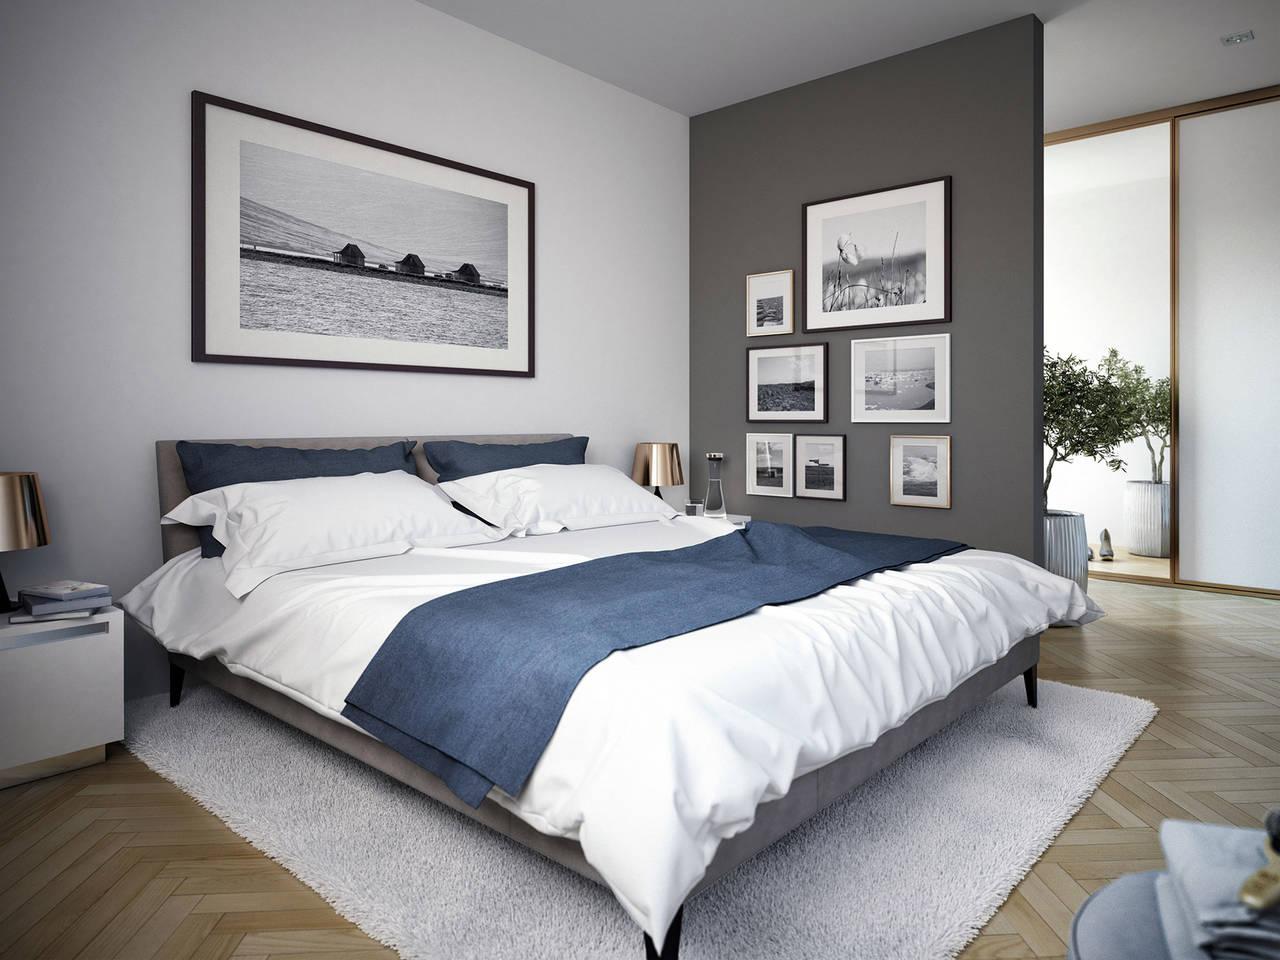 Haus SOLUTION 204 V7 Schlafzimmer von Living Haus